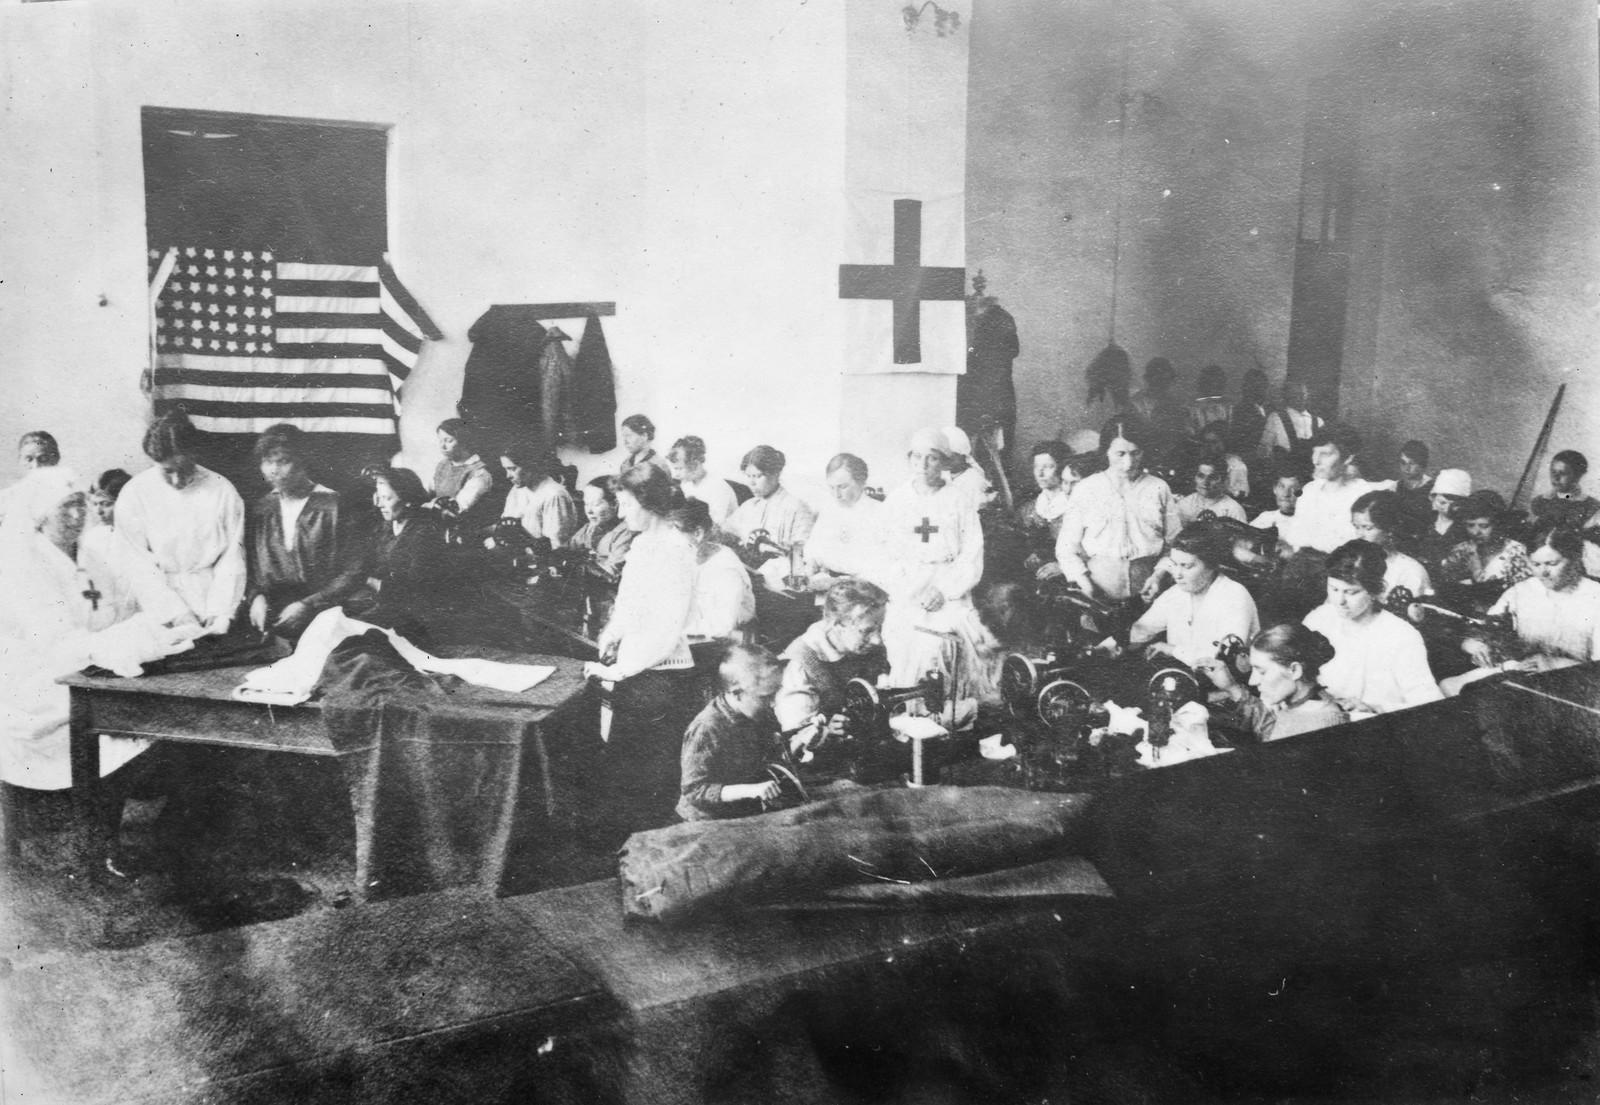 20. 1919. Тюмень. Швейная мастерская под управлением Американского Красного Креста